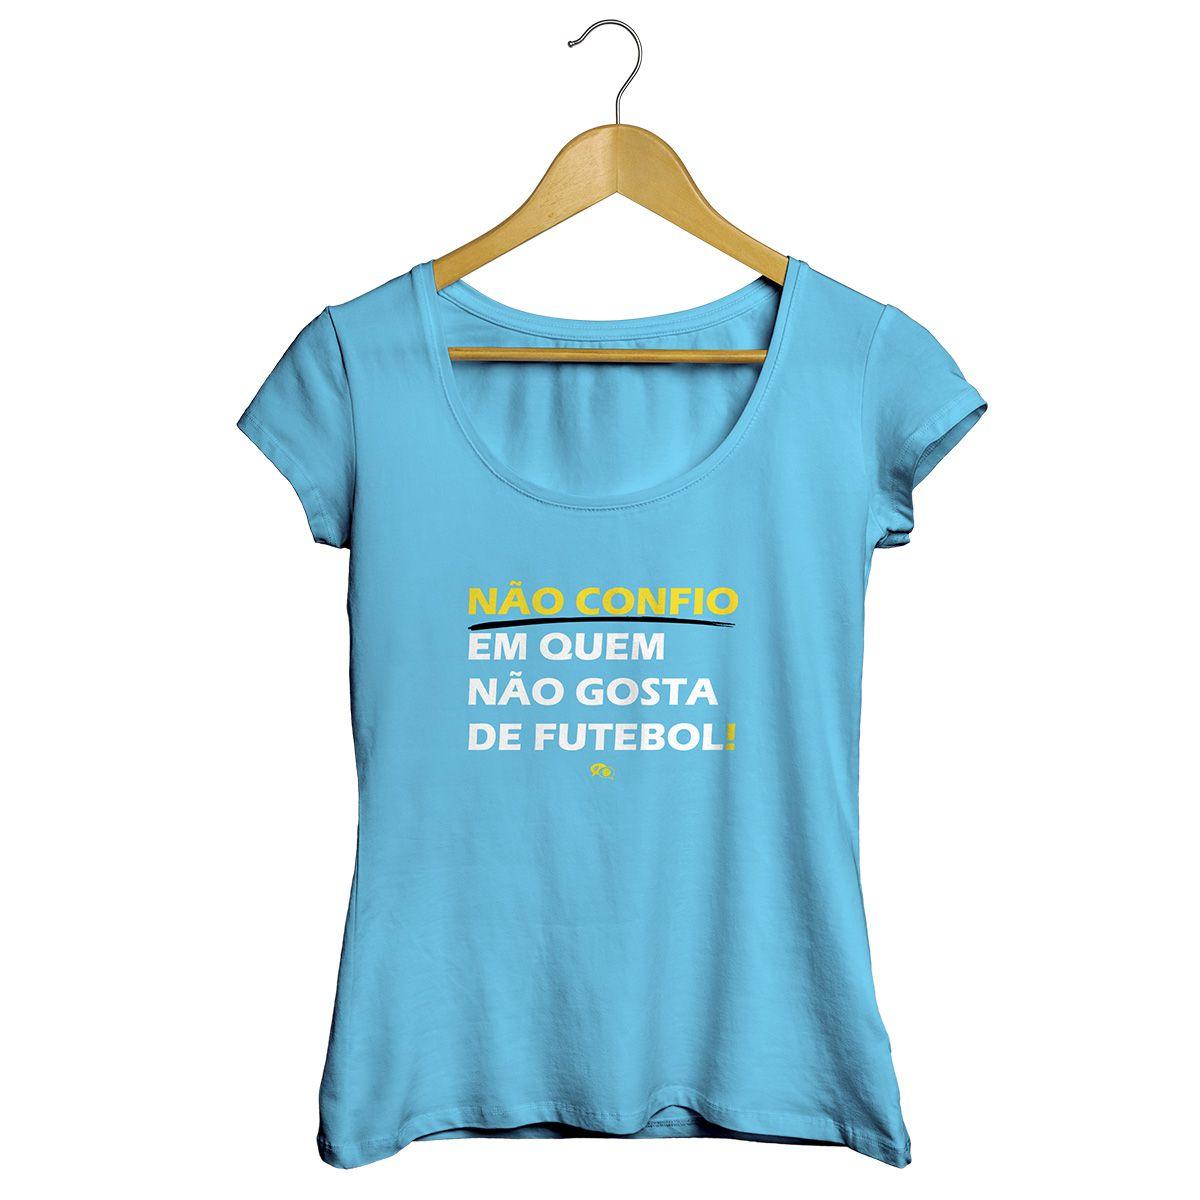 Camiseta - NÃO CONFIO EM QUEM NÃO GOSTA DE FUTEBOL.  Feminina